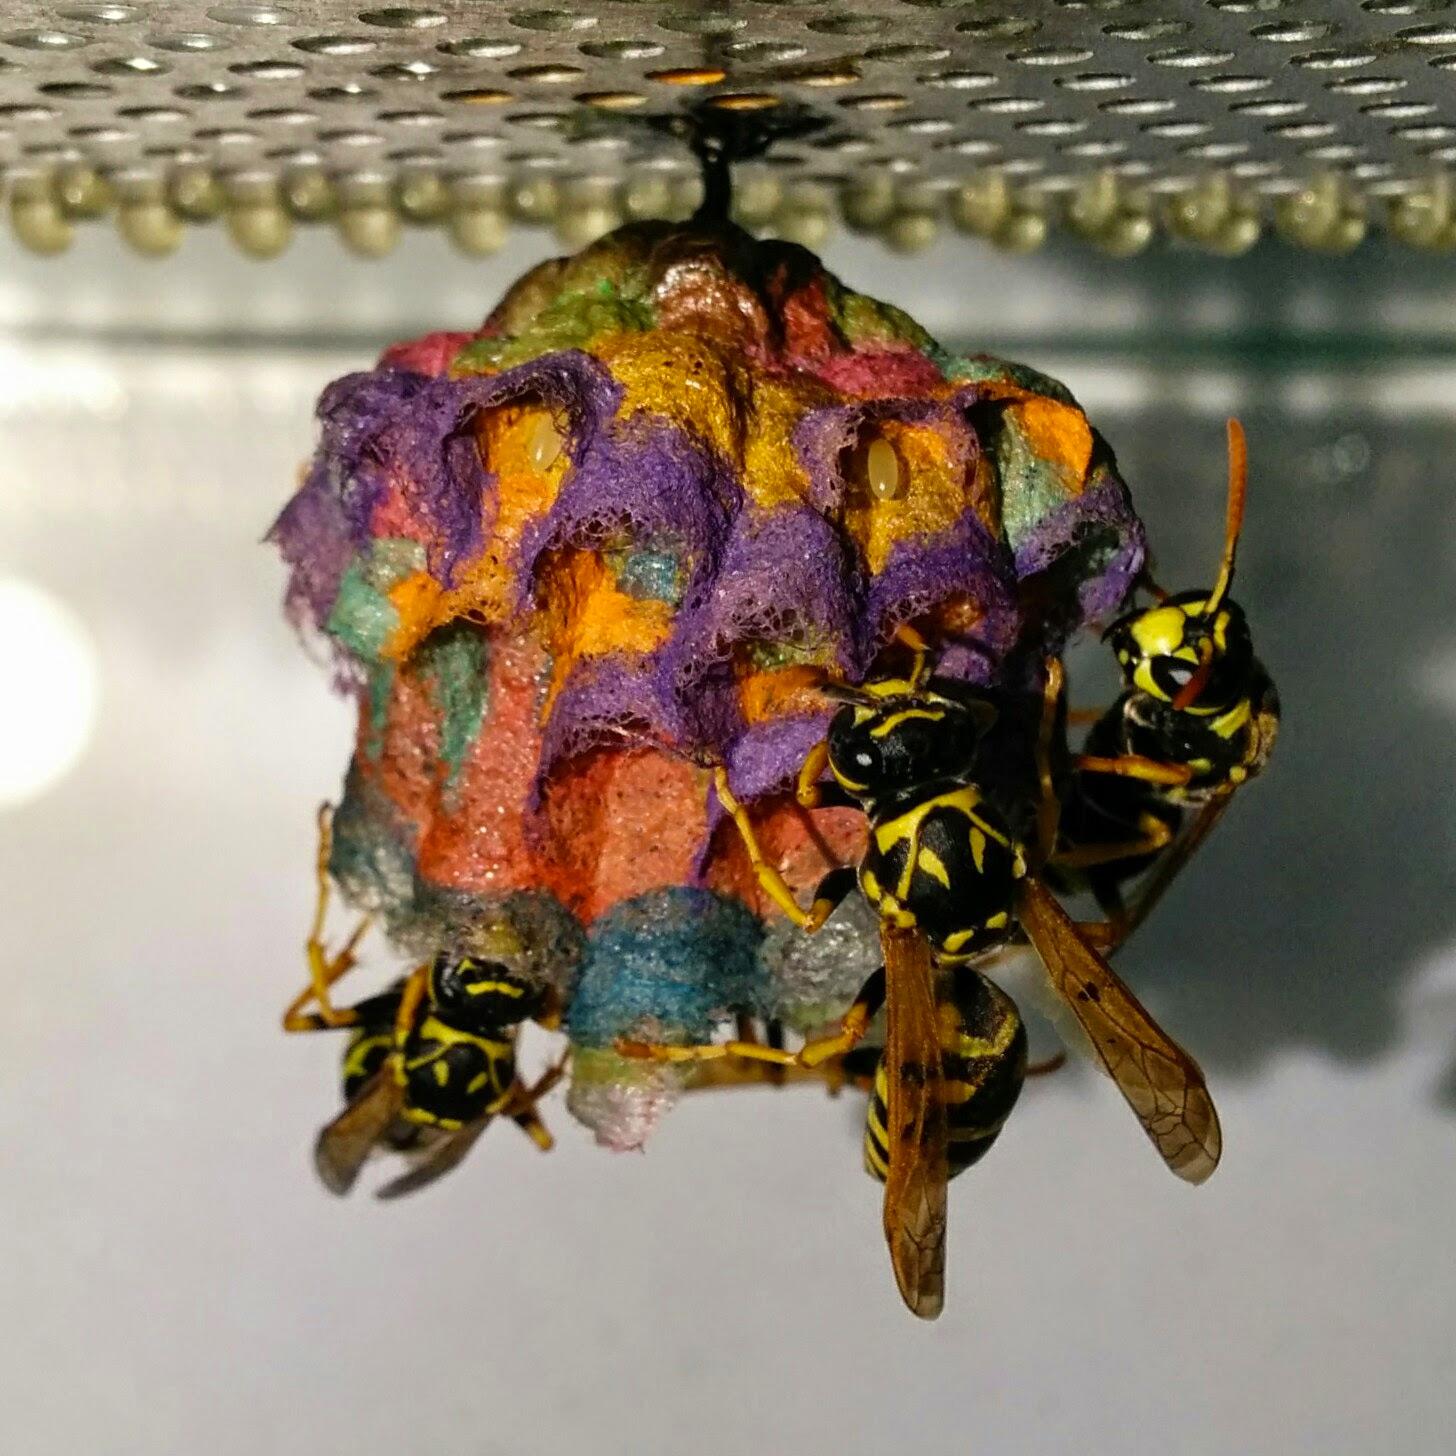 nido-vespe-colorato-carta-mattia-menchetti-2